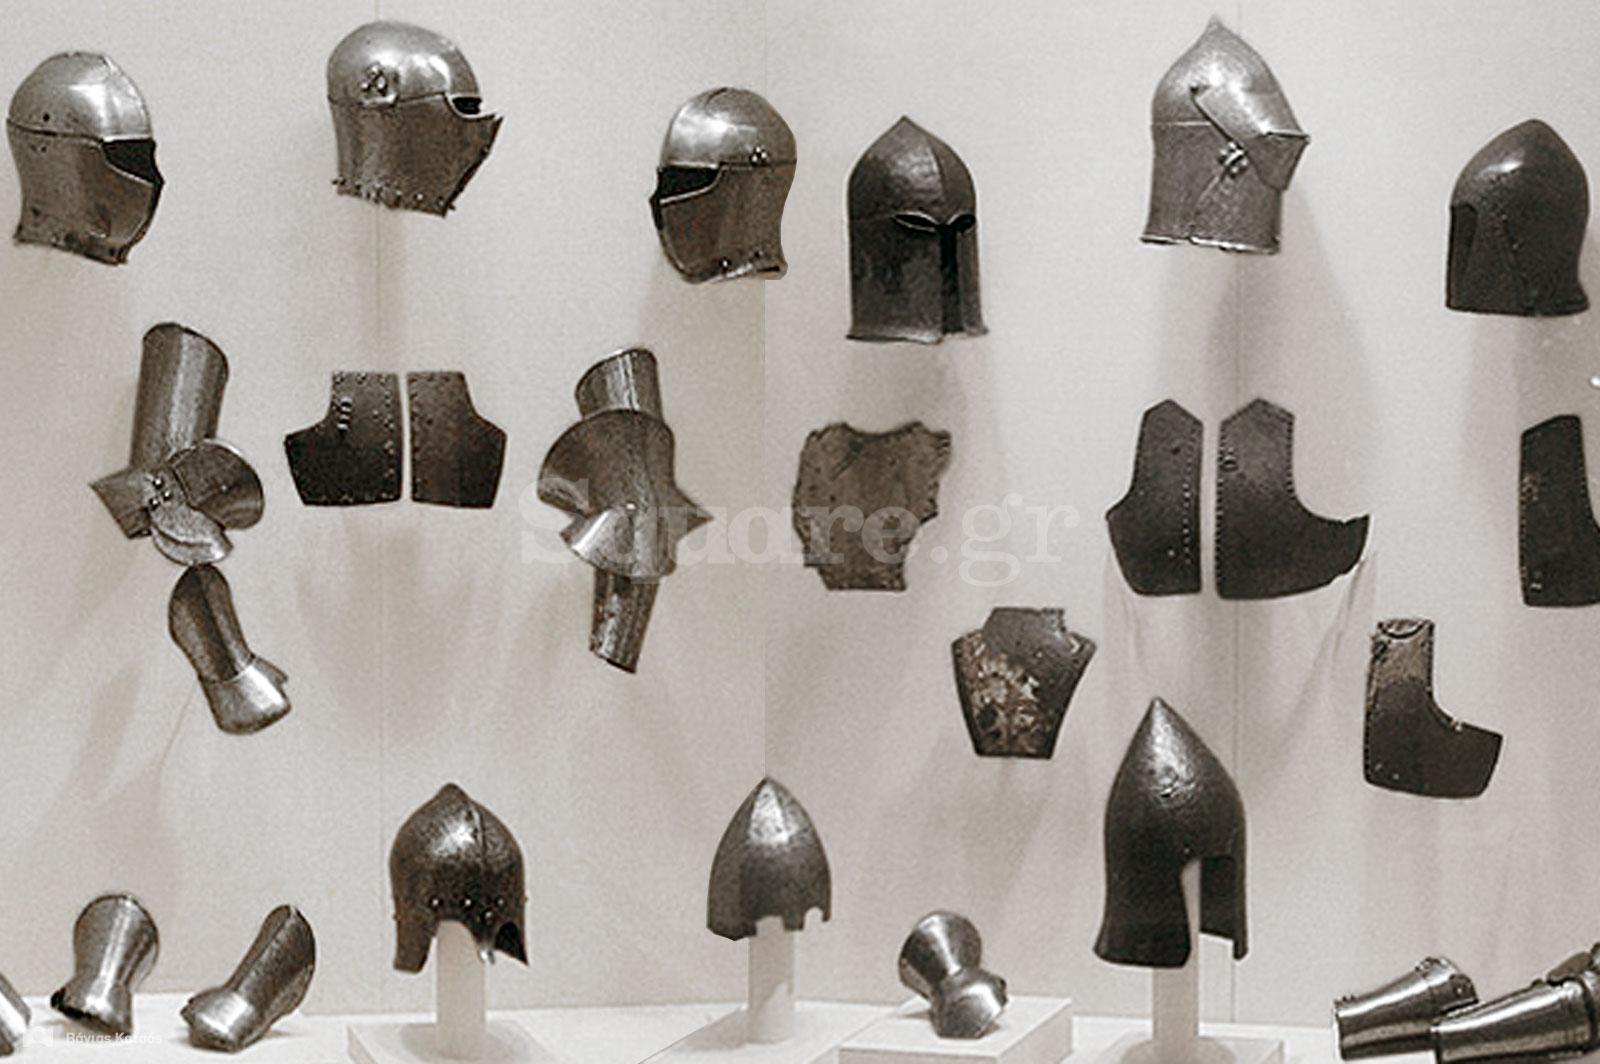 7-Κράνη-και-εξοπλισμός-πανοπλιών-από-την-μεσαιωνική-συλλογή-της-Χαλκίδας